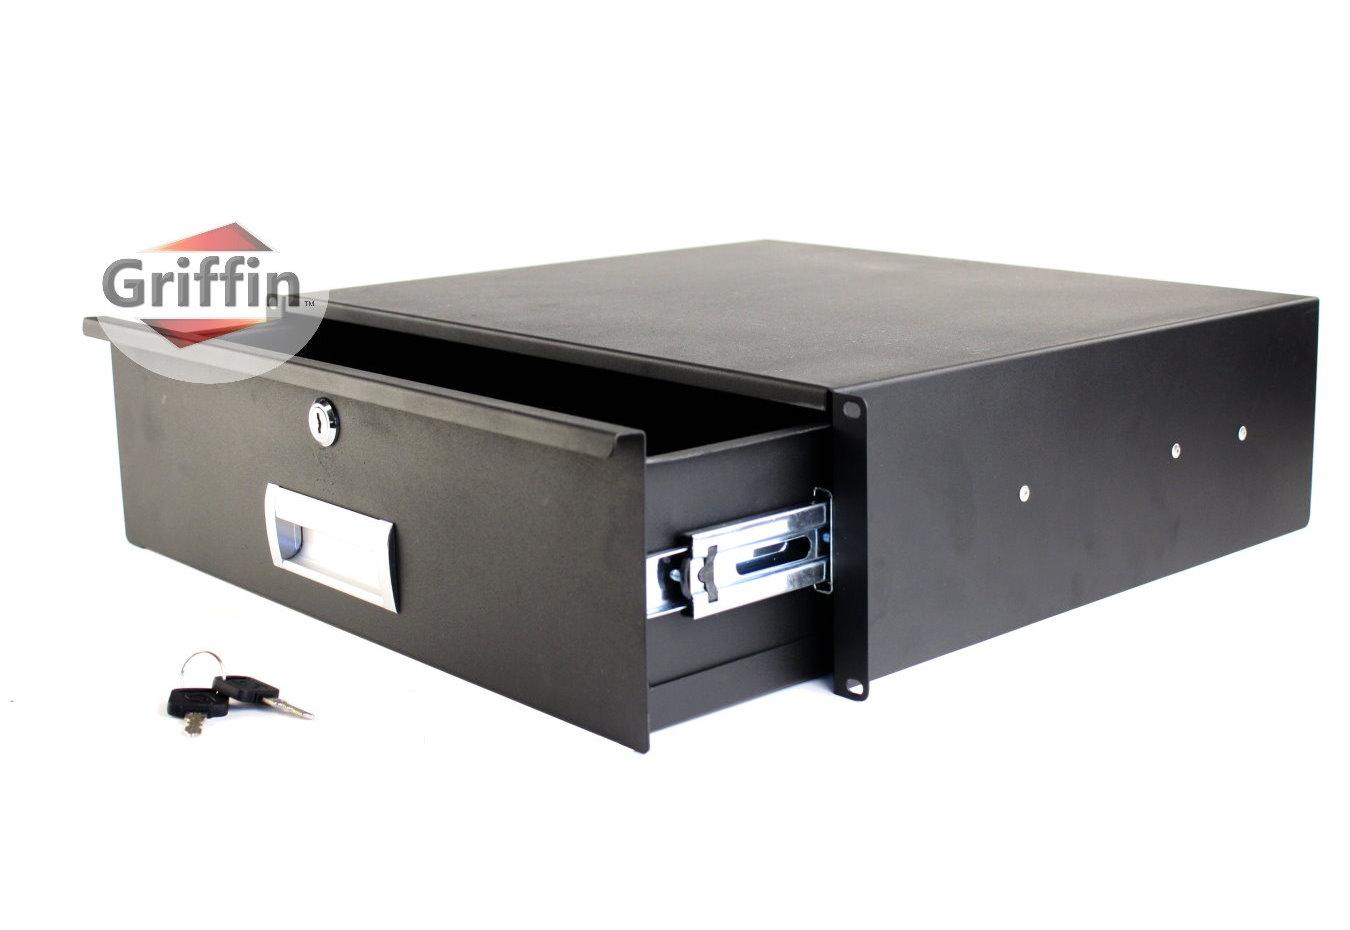 3u rack mount studio gear sliding drawer shelf 16 deep. Black Bedroom Furniture Sets. Home Design Ideas